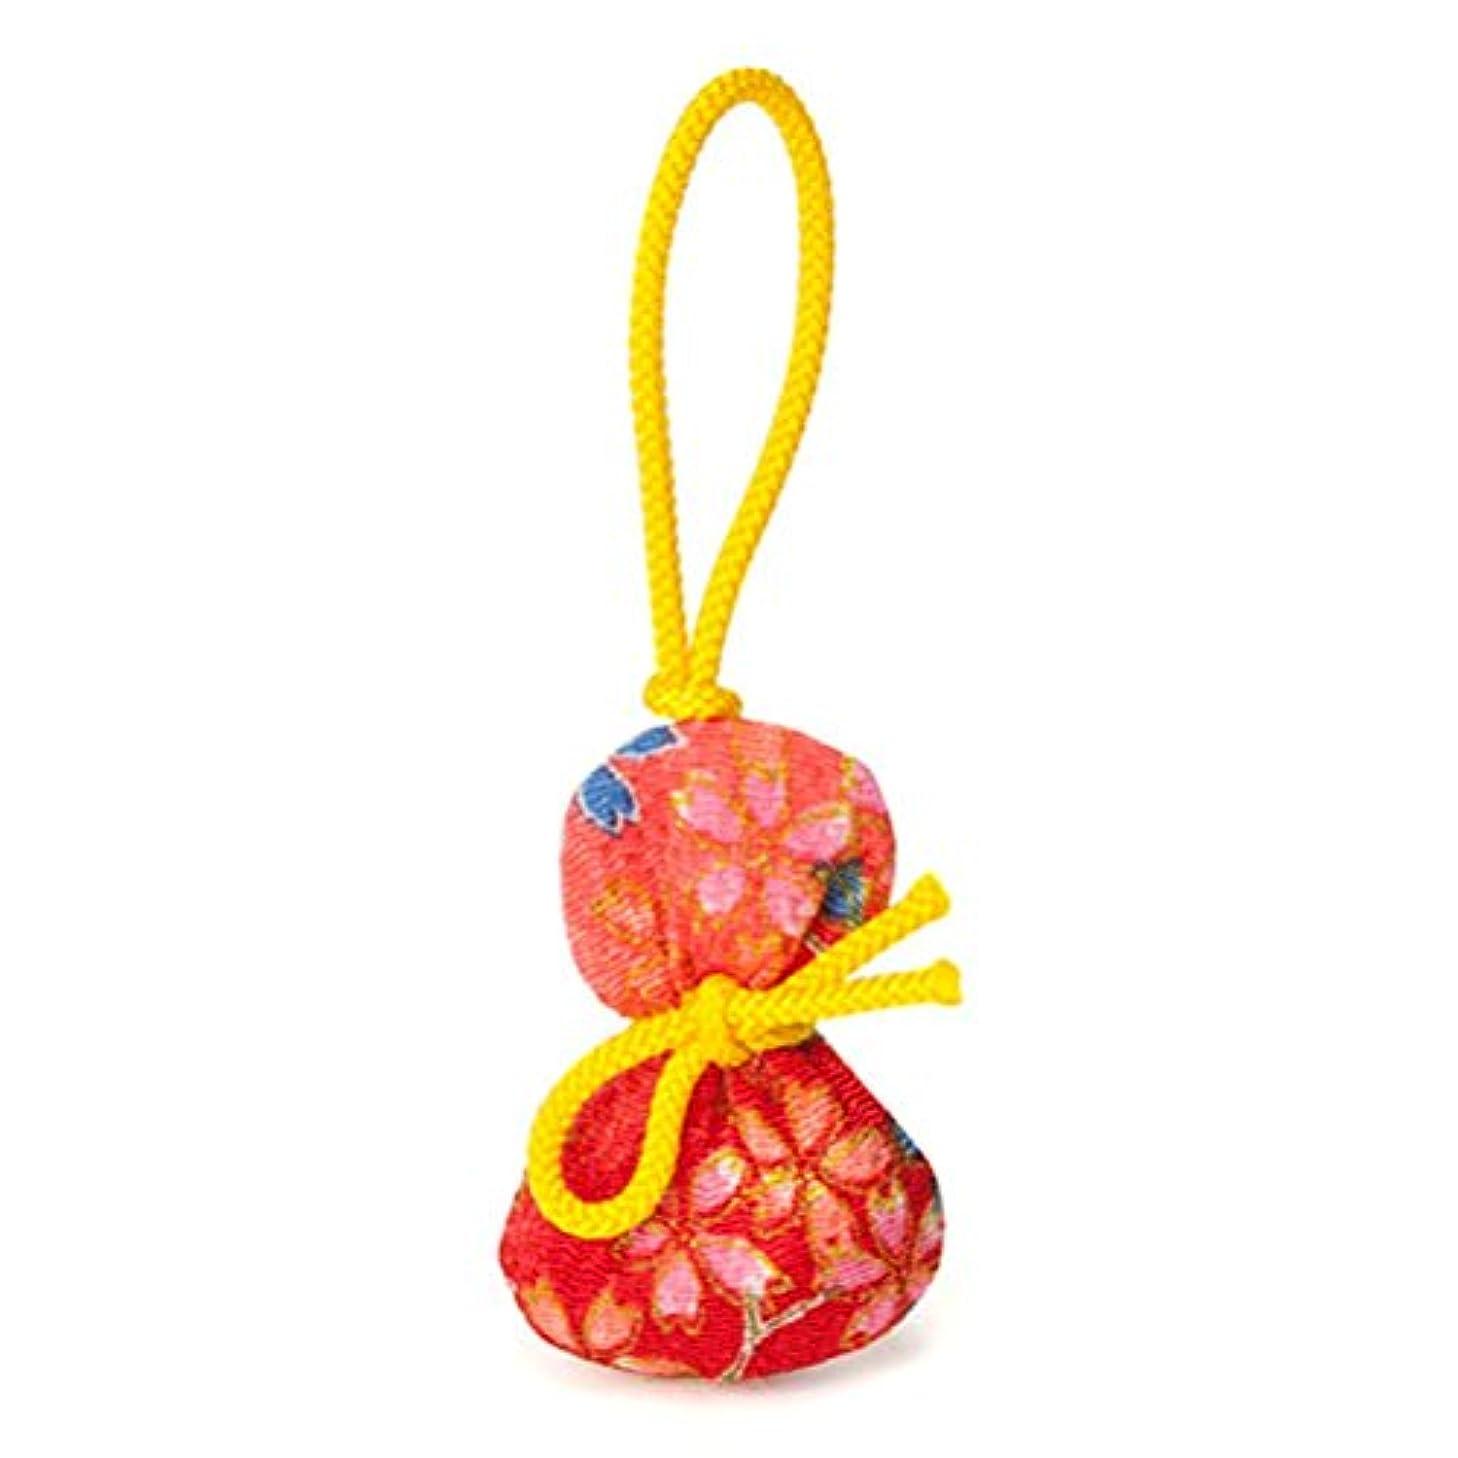 メンダシティ語トムオードリース松栄堂 匂い袋 誰が袖 ふくべ 1個入 ケースなし (柄か無地をお選びください) (柄)